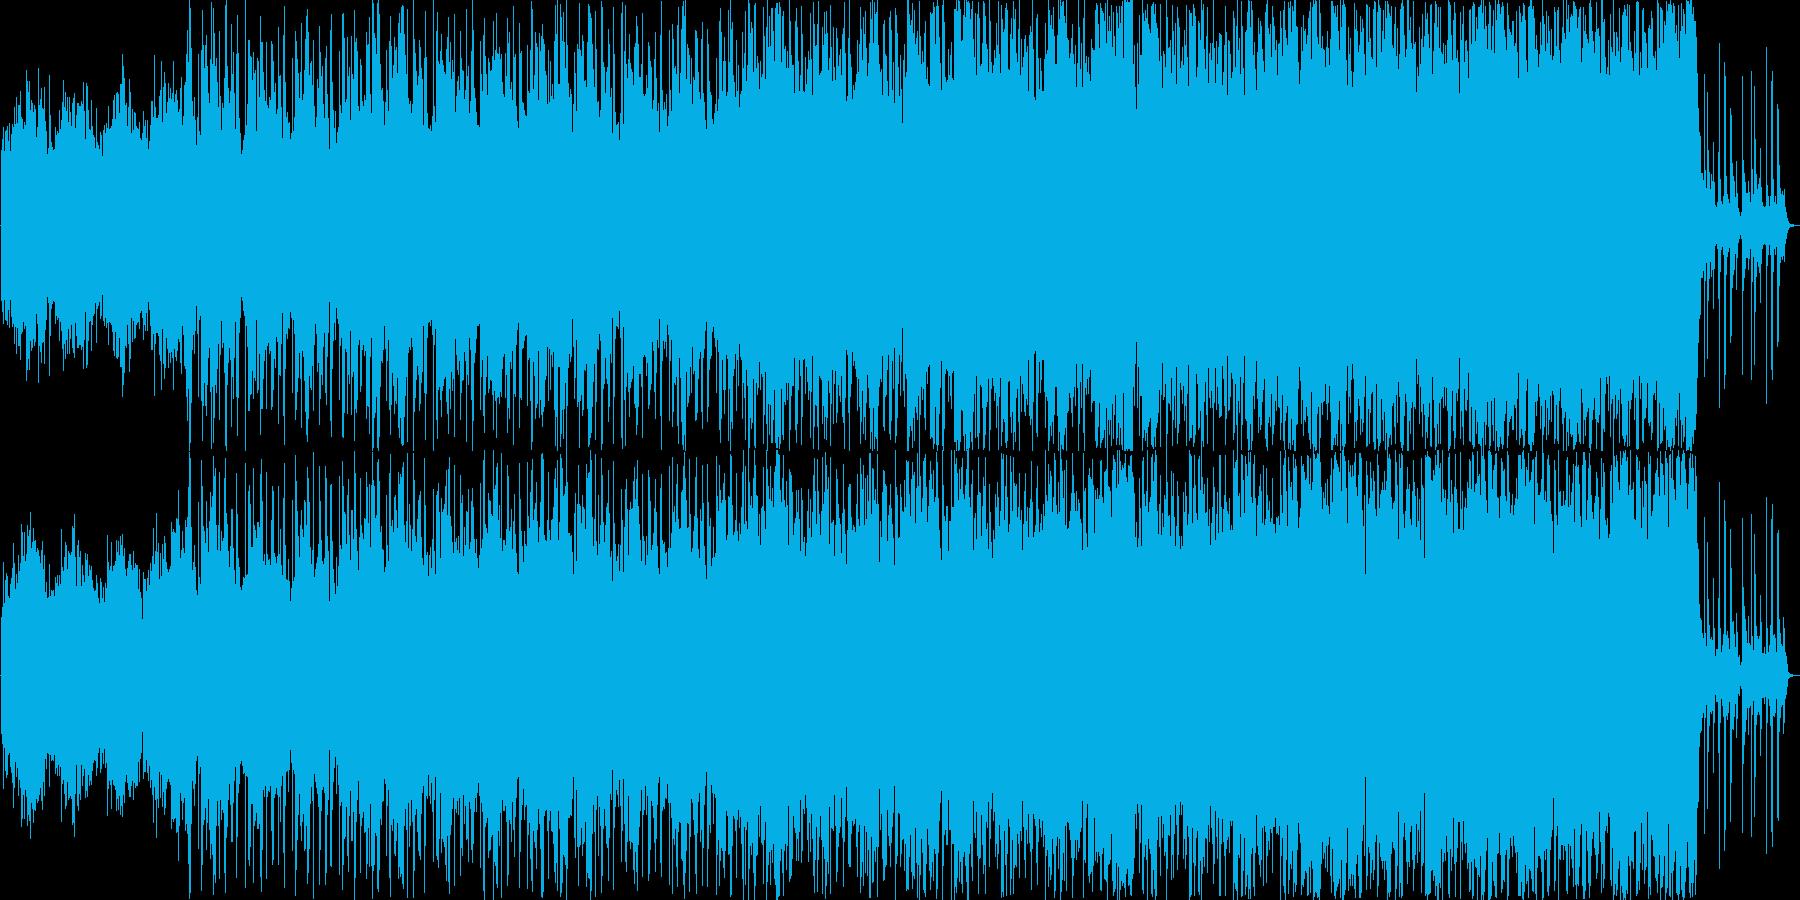 大きな戦いに赴く戦士たちをイメージした曲の再生済みの波形